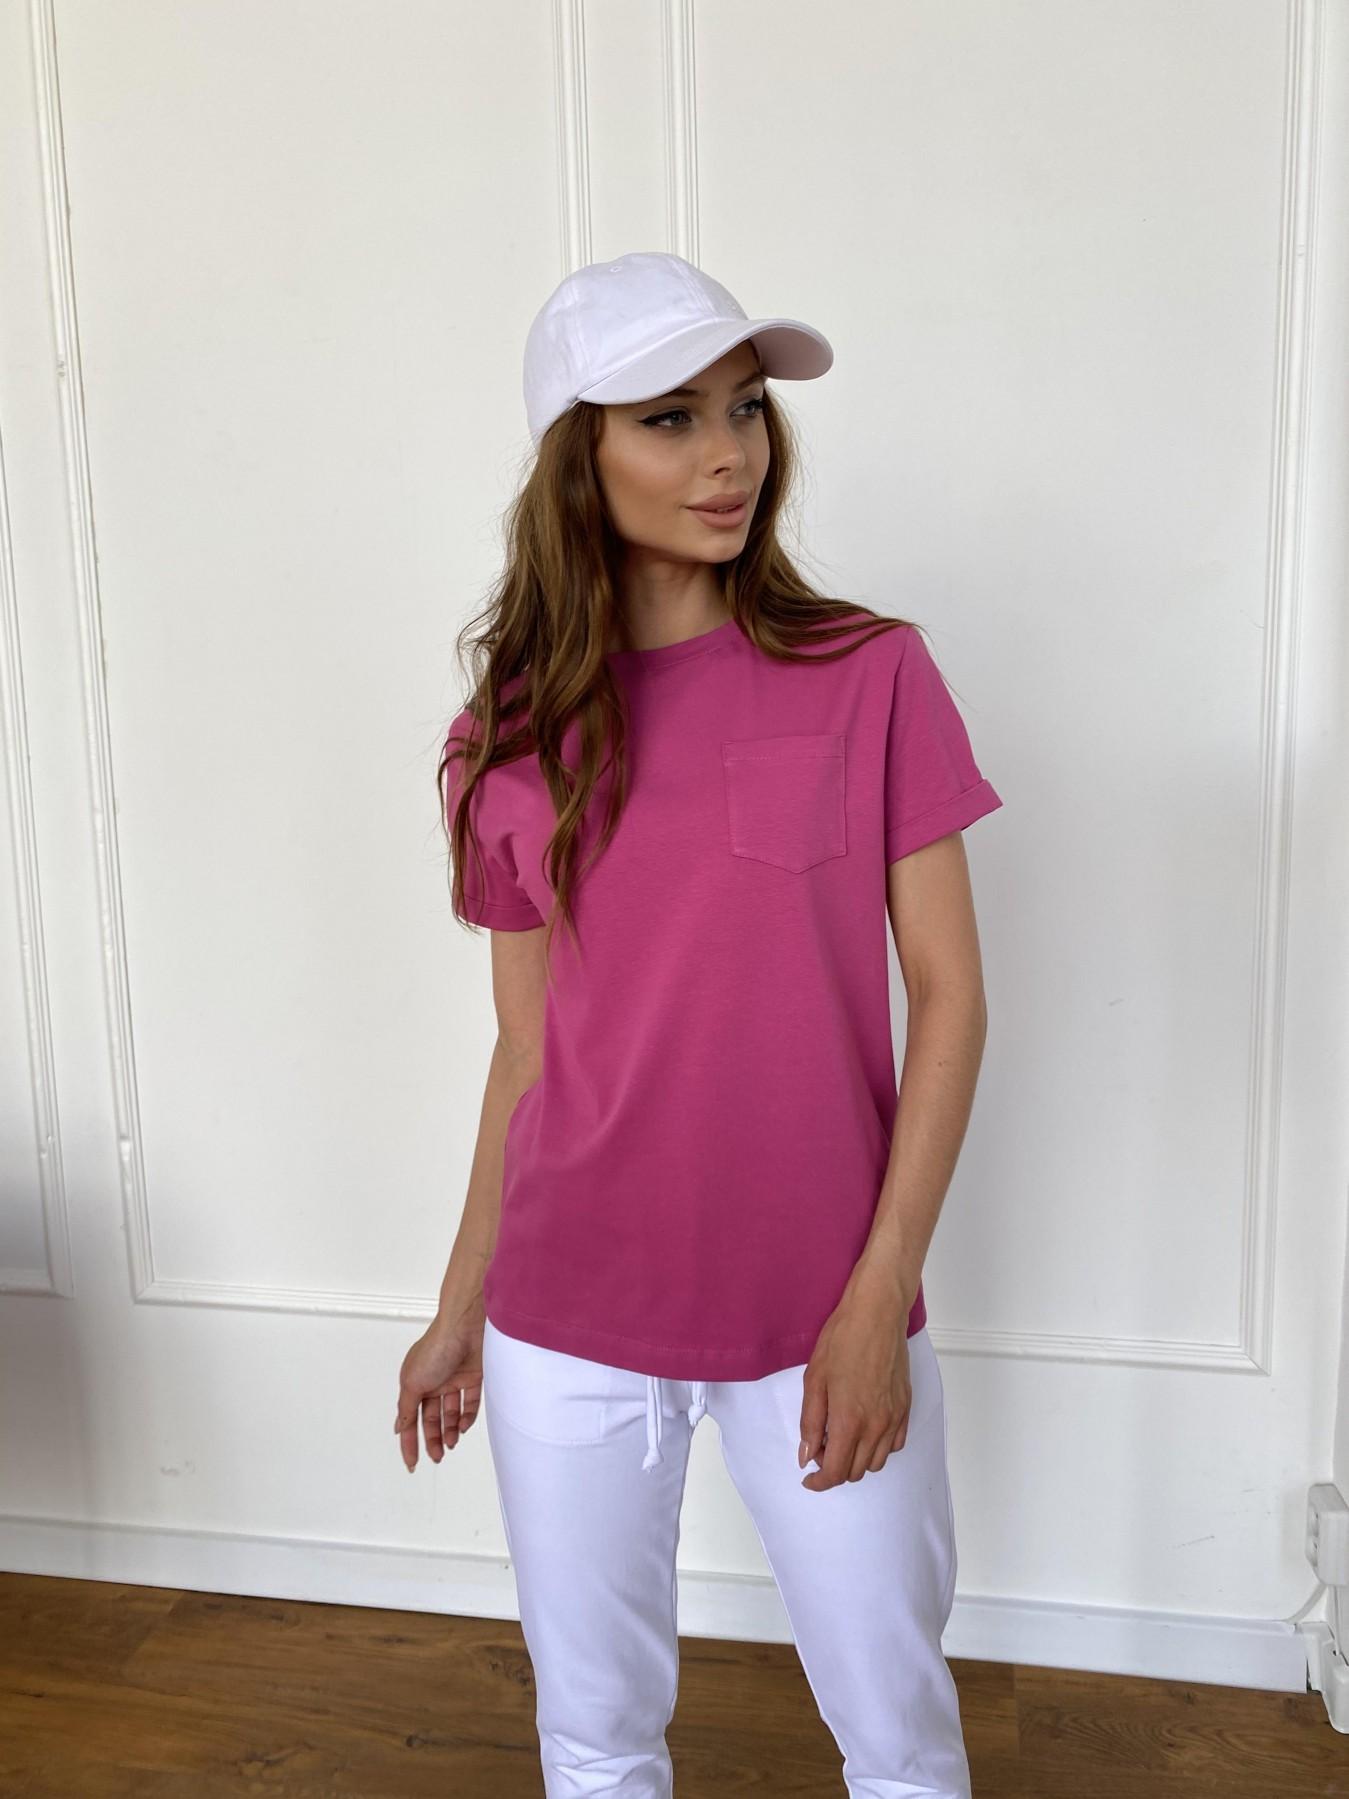 Вуди футболка из вискозы 11224 АРТ. 47874 Цвет: Малиновый - фото 3, интернет магазин tm-modus.ru